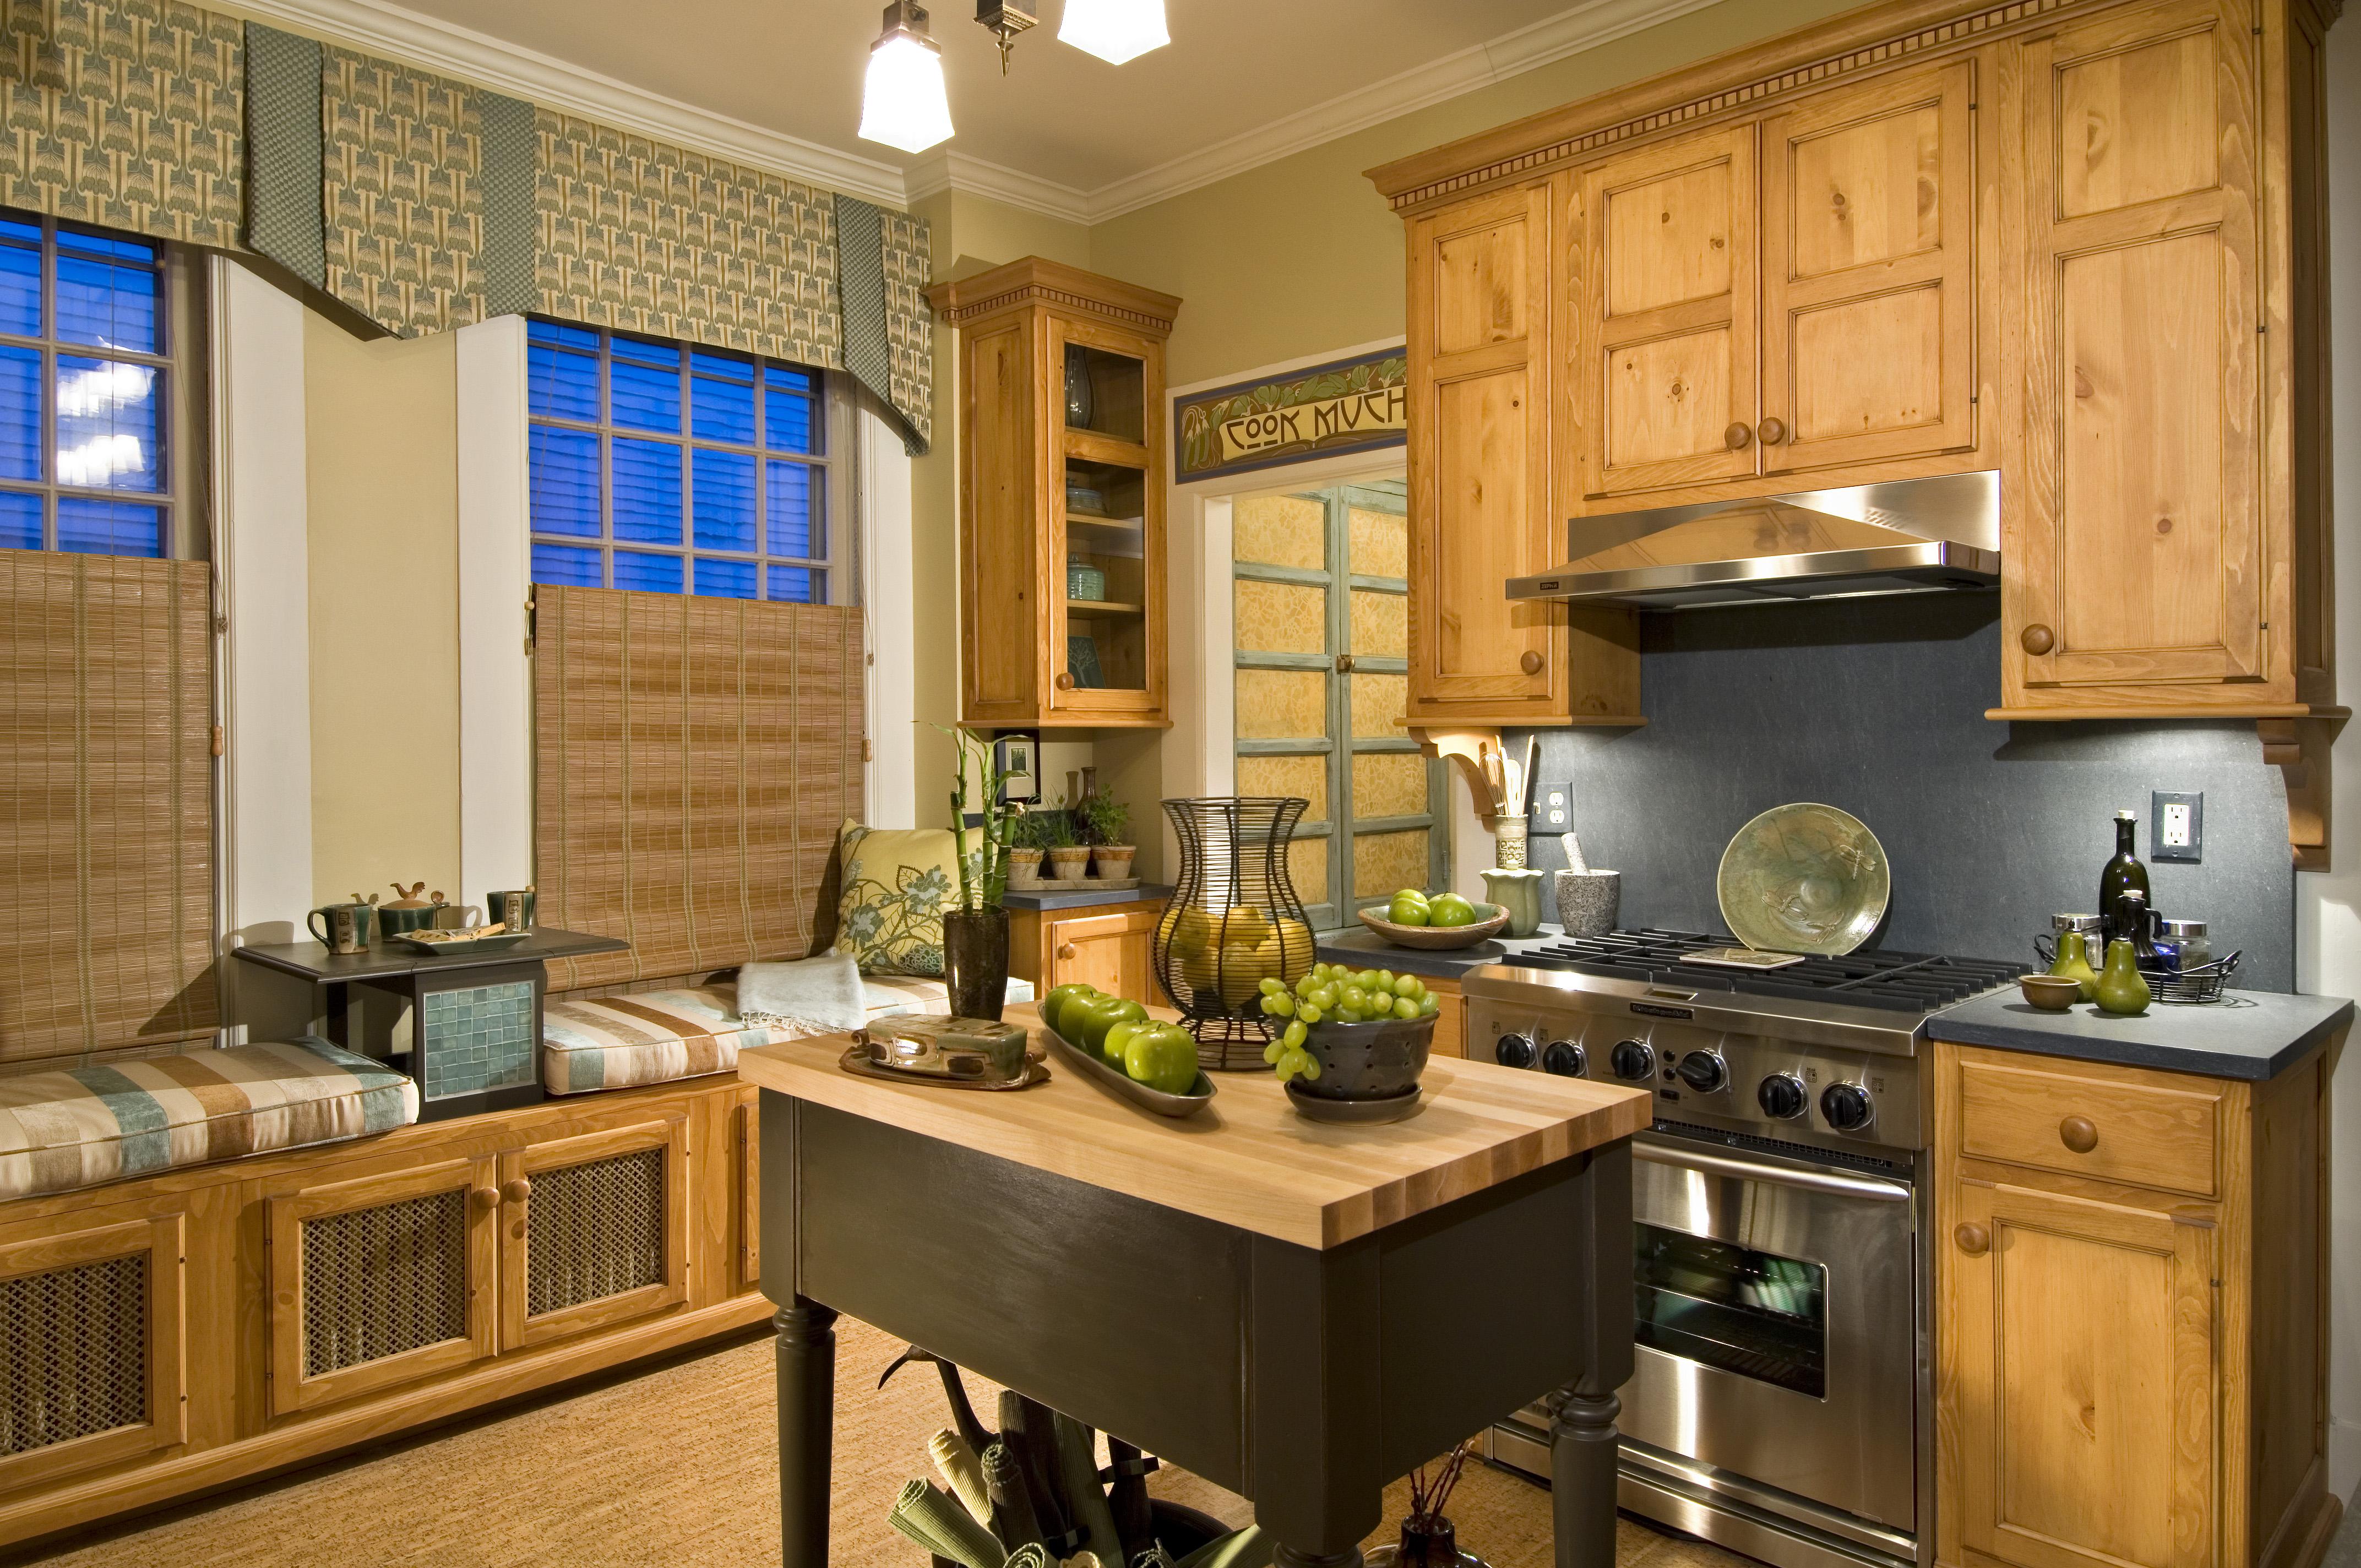 kitchen bath design. 08042801 03 Kitchen And Bath World  Custom Design Bathroom